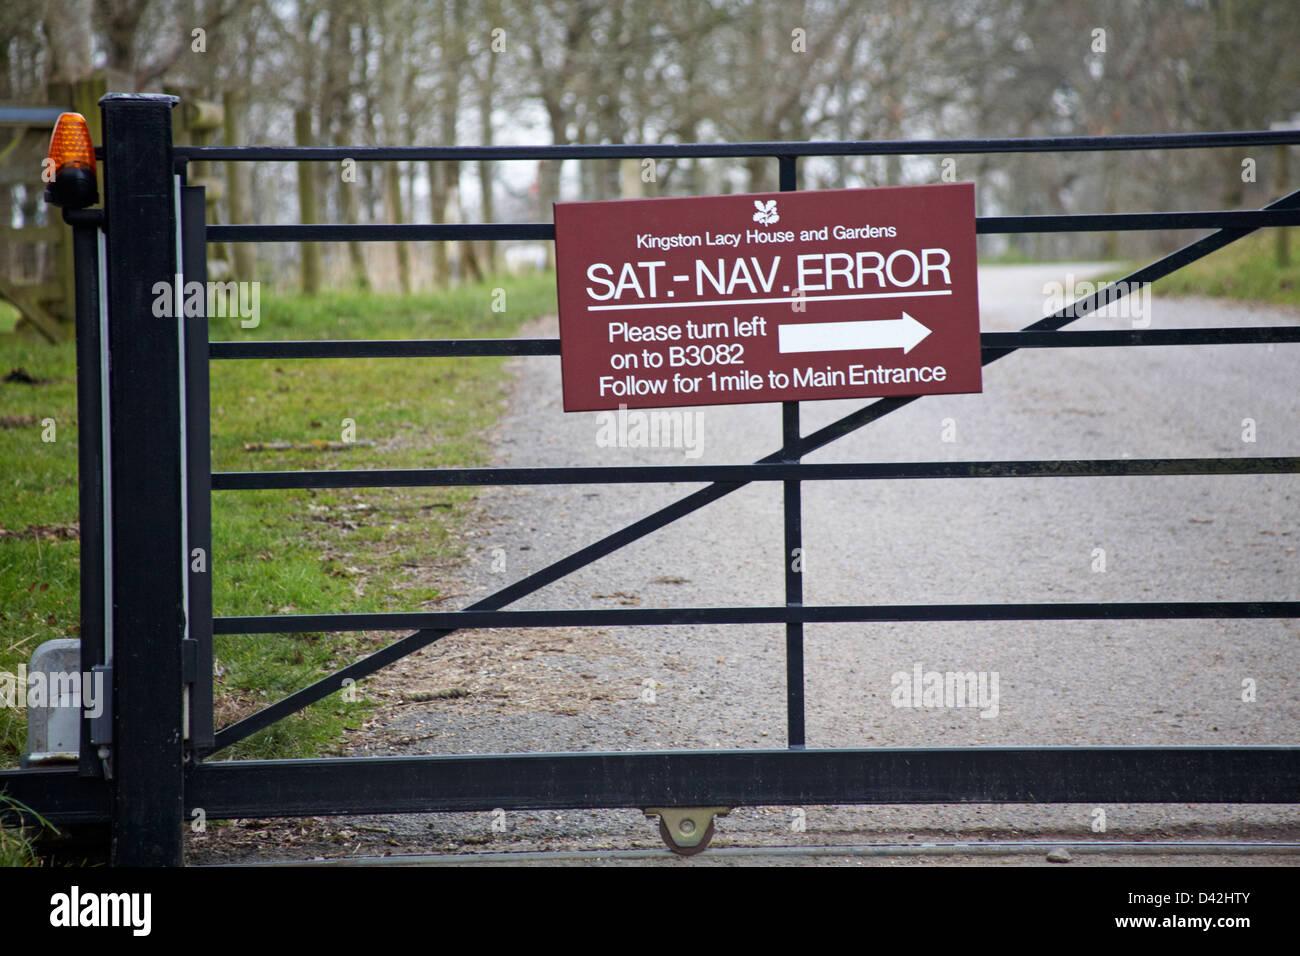 Sat Nav error sign on gate - Stock Image